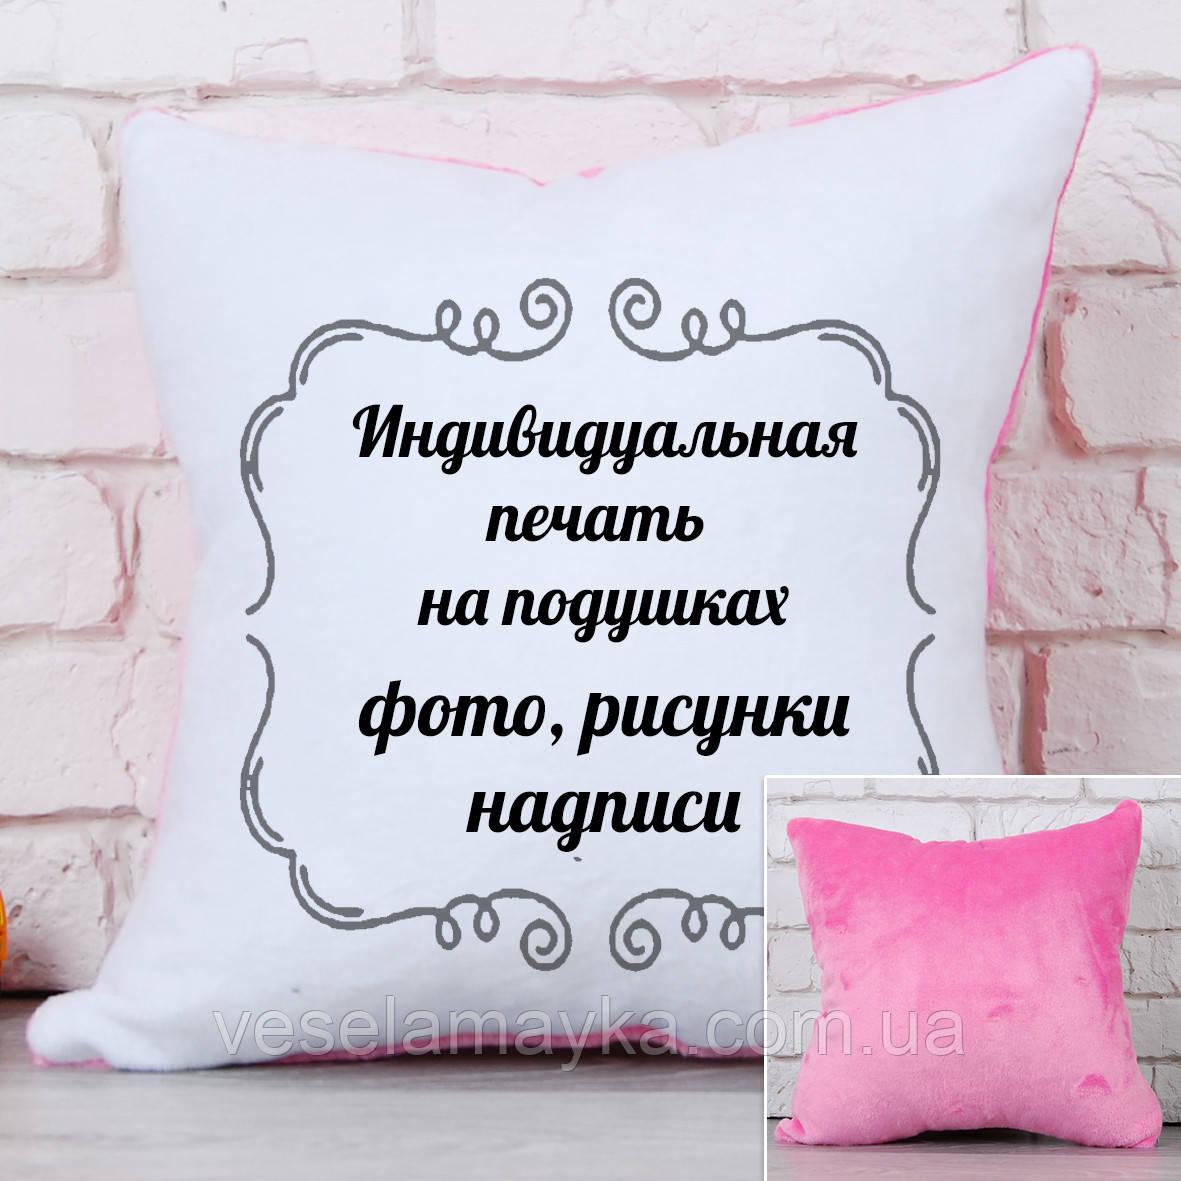 Розовая плюшевая подушка с печатью 35x35 см